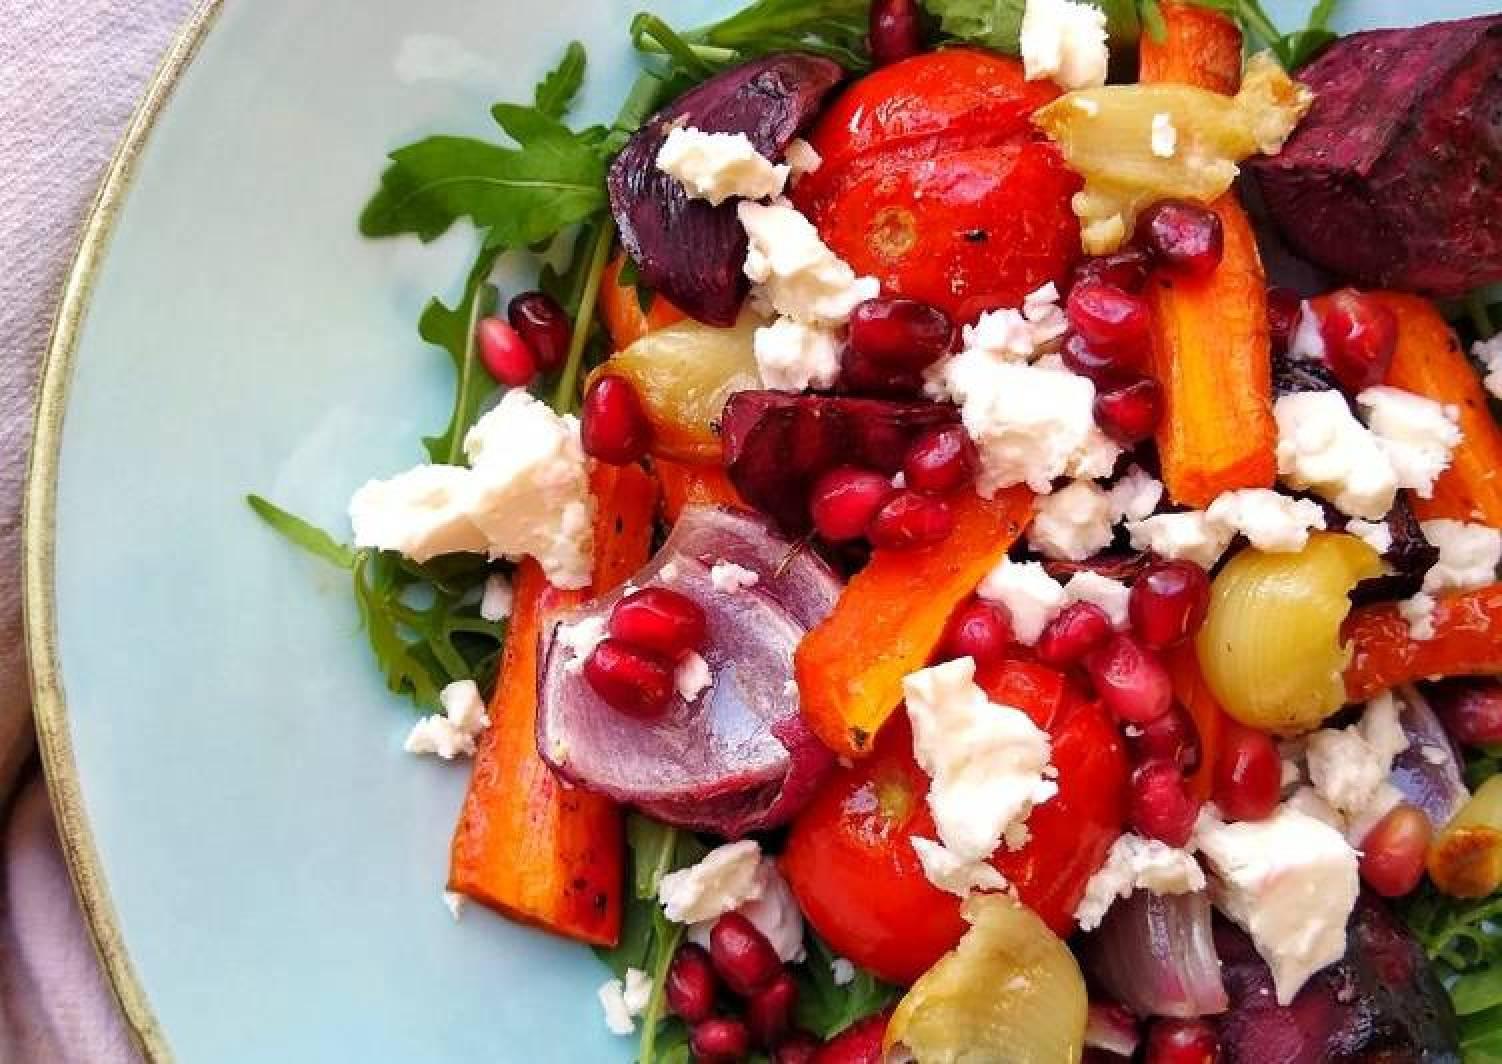 Warm Roasted Vegetable Salad With Feta